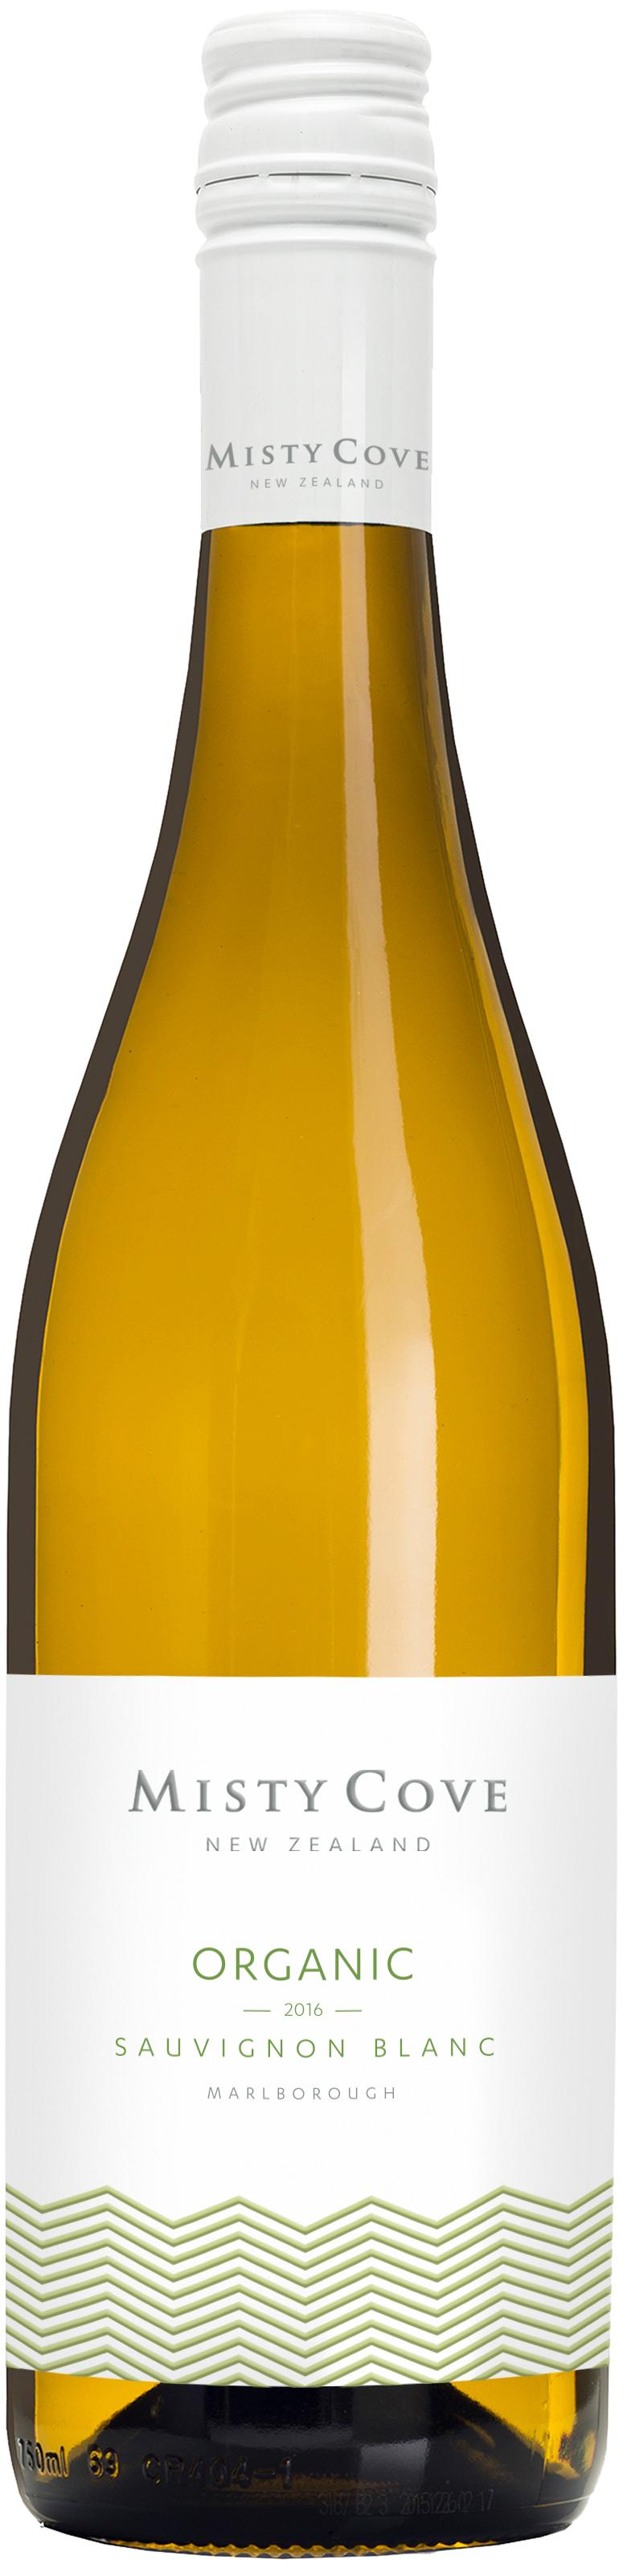 Misty Cove 'Organic' Sauvignon Blanc 2016-0